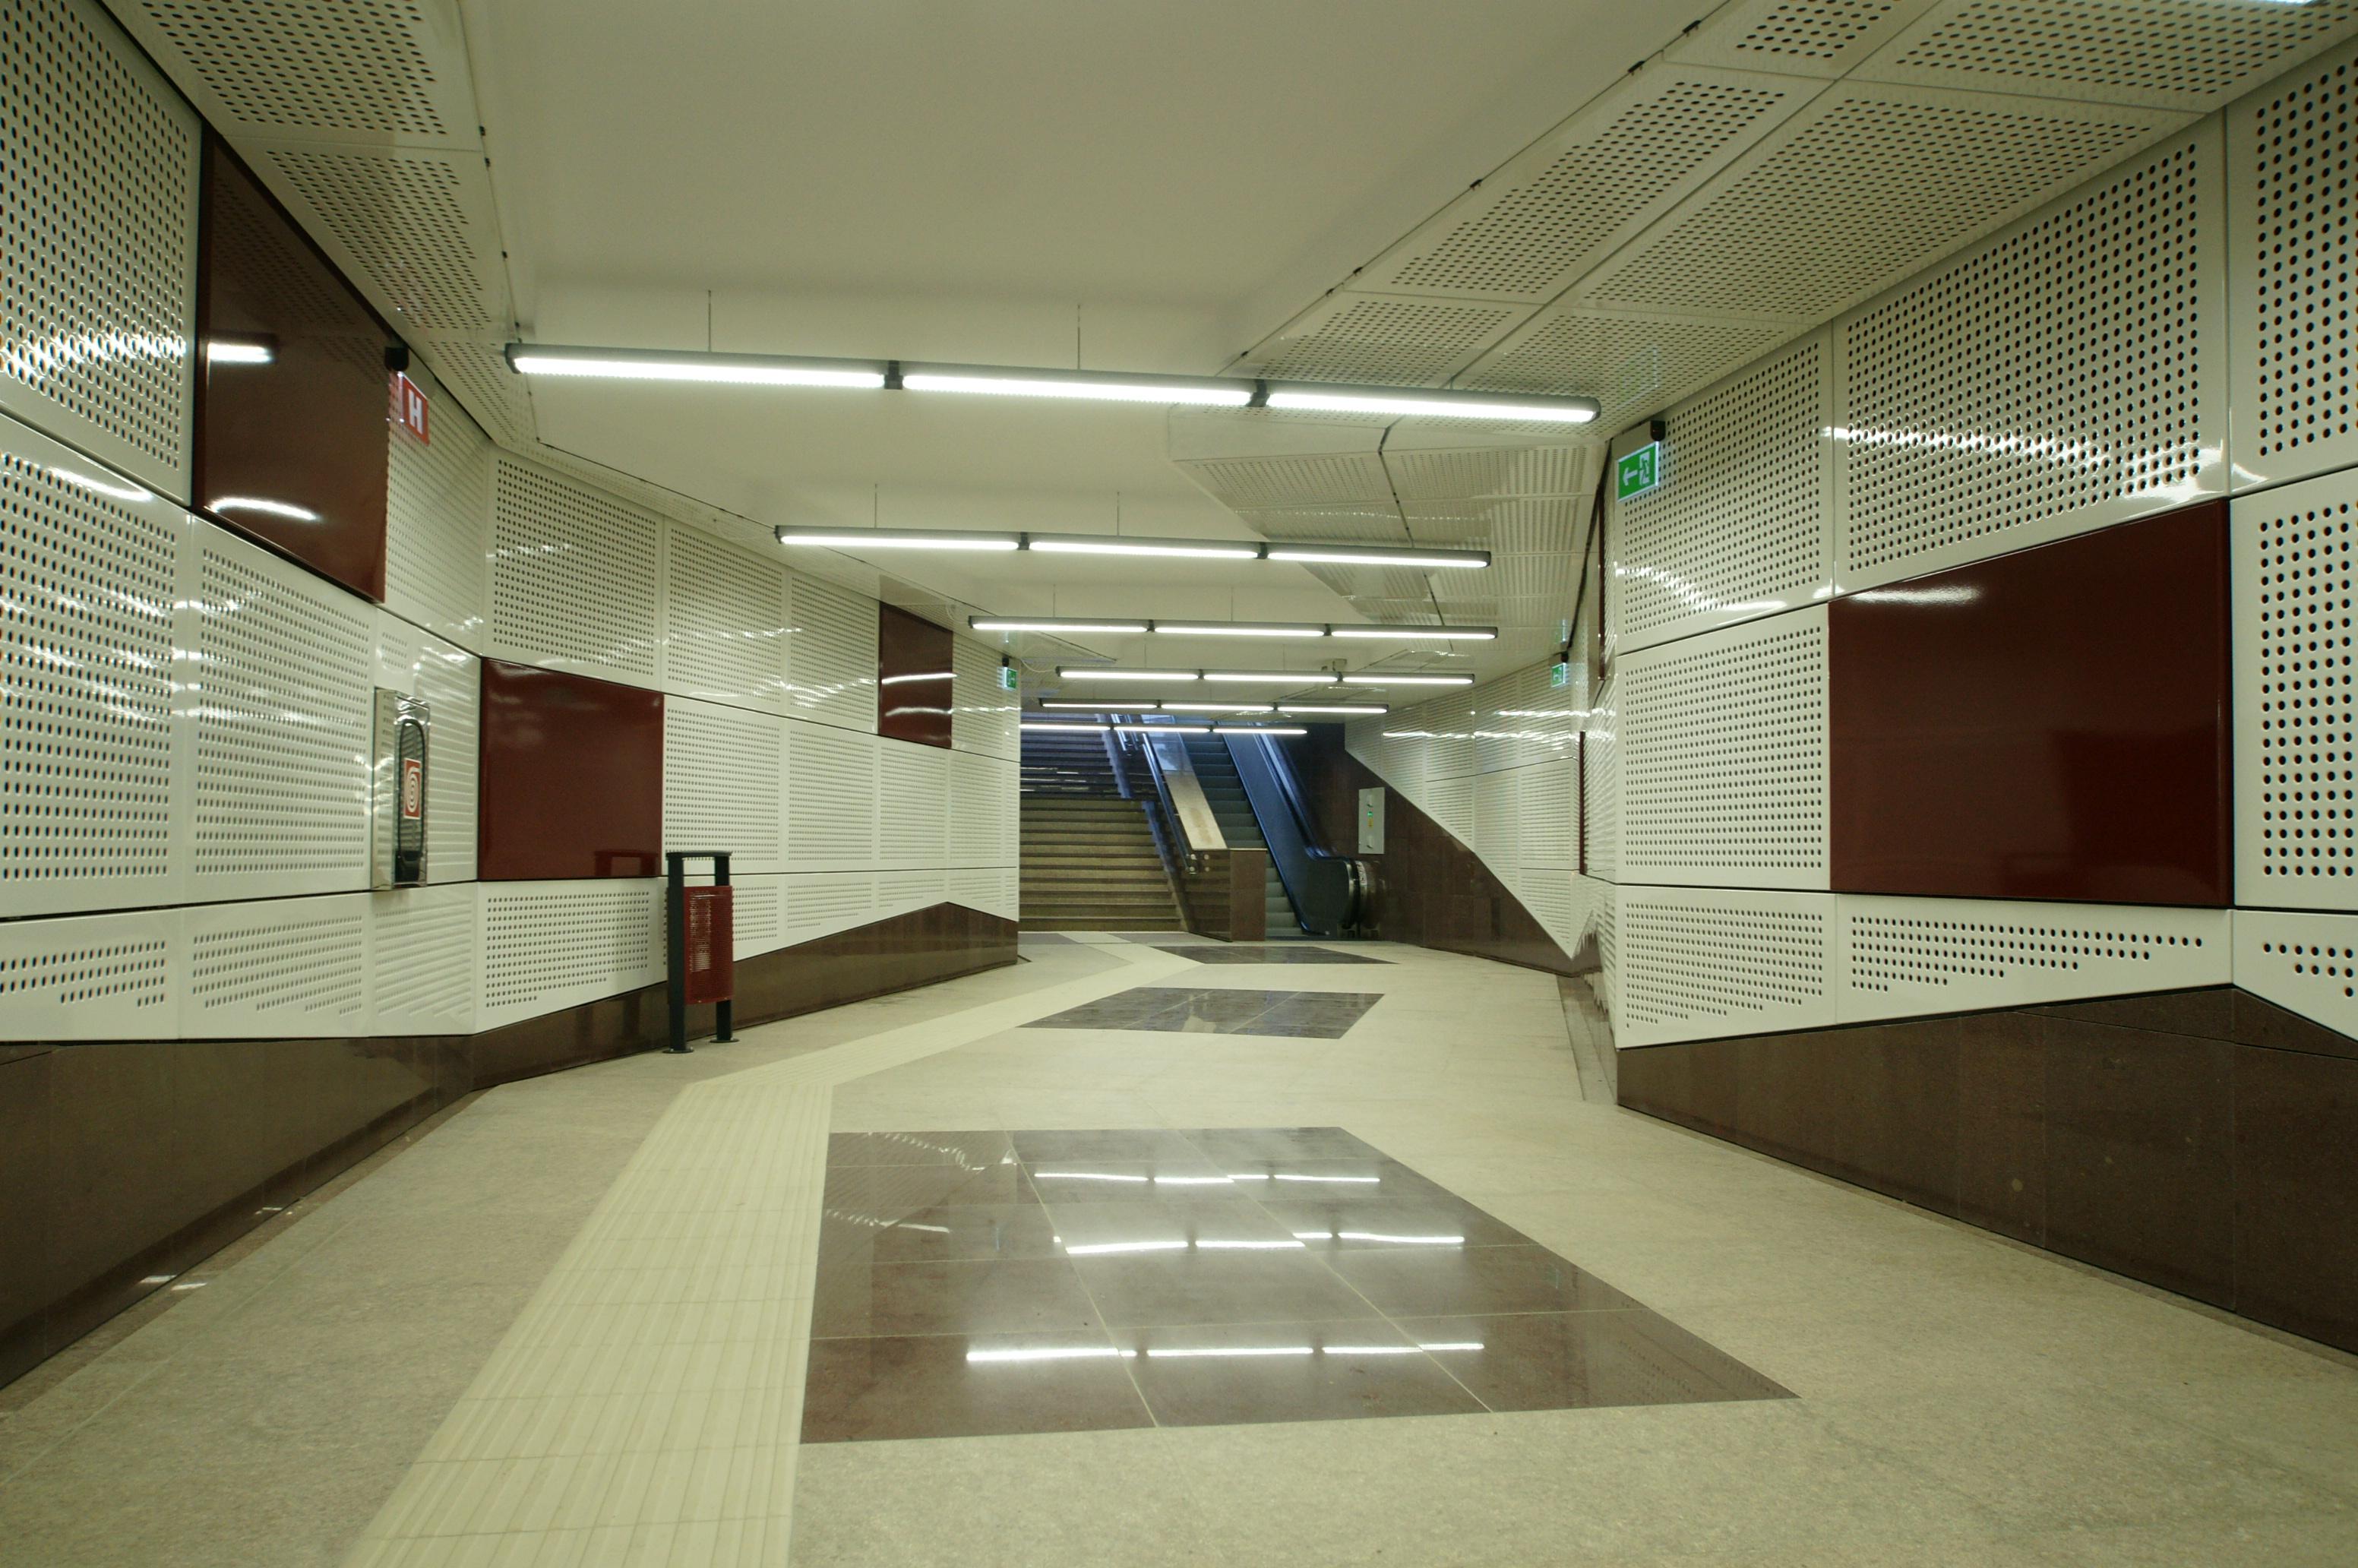 Panouri din tabla de otel folosite la statia de metrou Jiului OMERAS - Poza 1